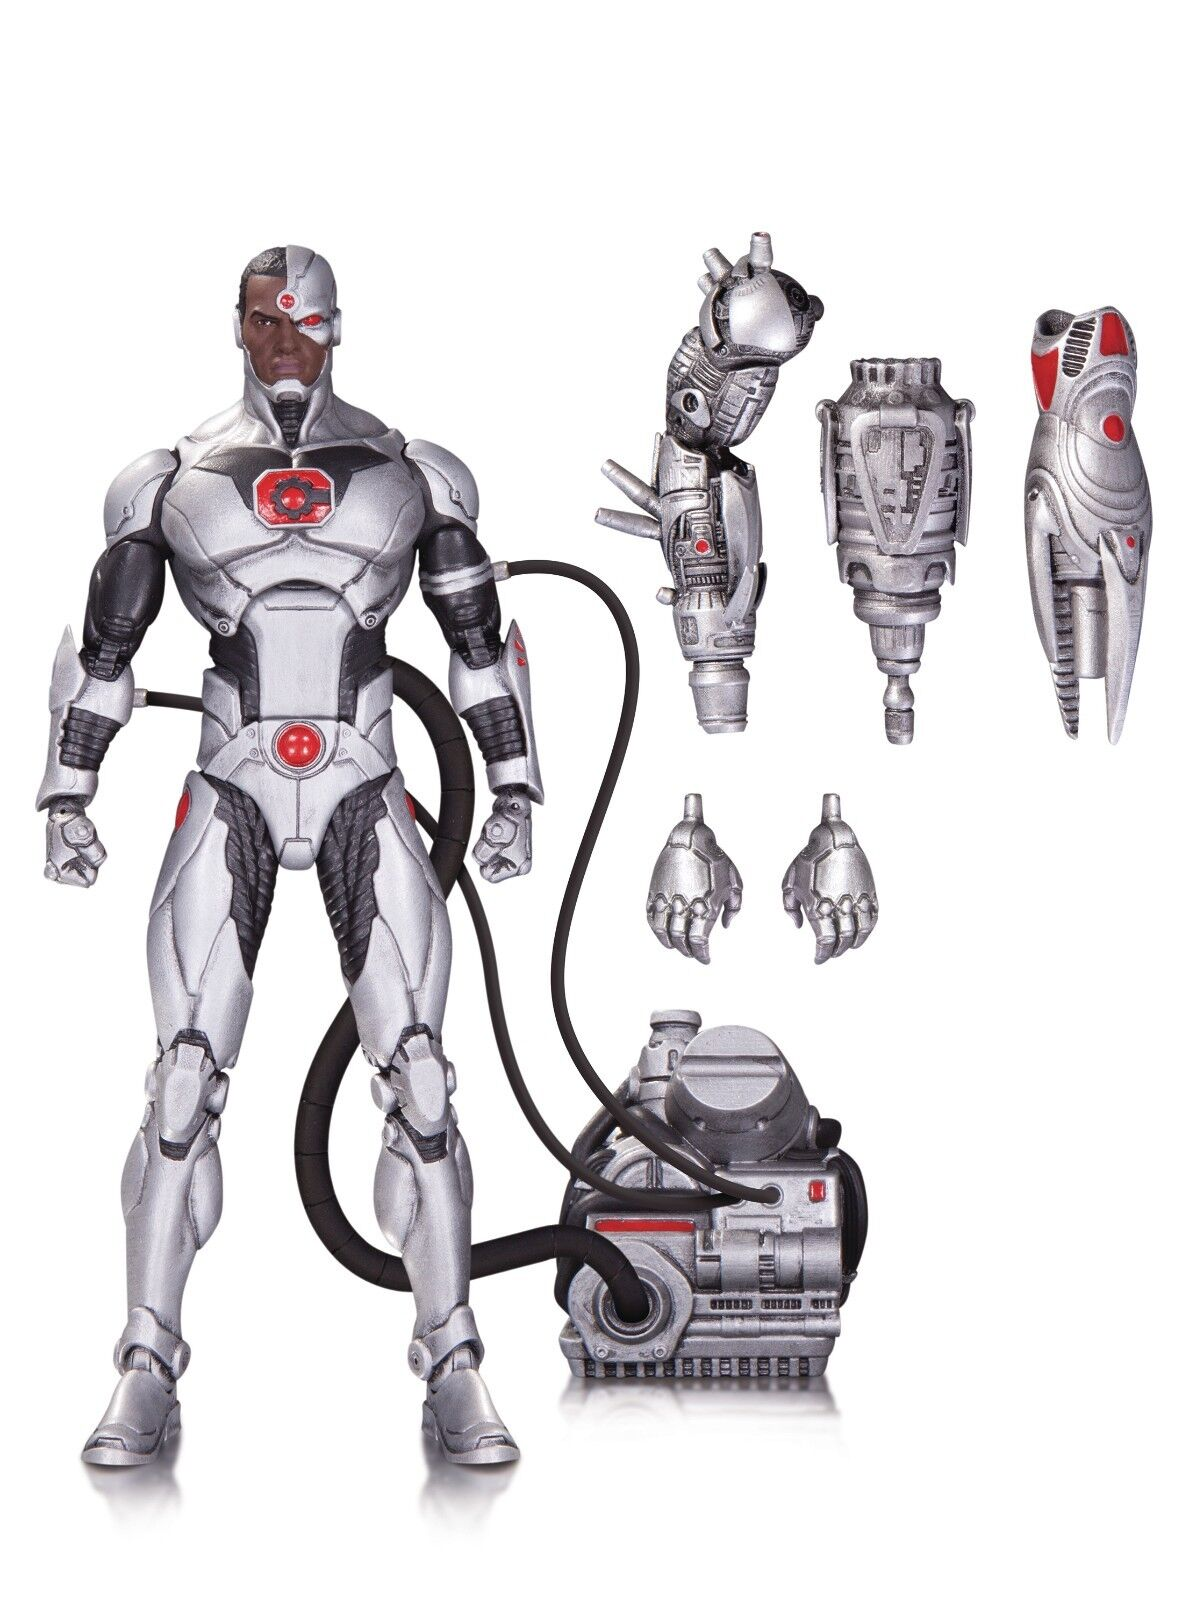 Dc - ikonen - deluxe - action - figur - ewig böse - uk - verkäufer